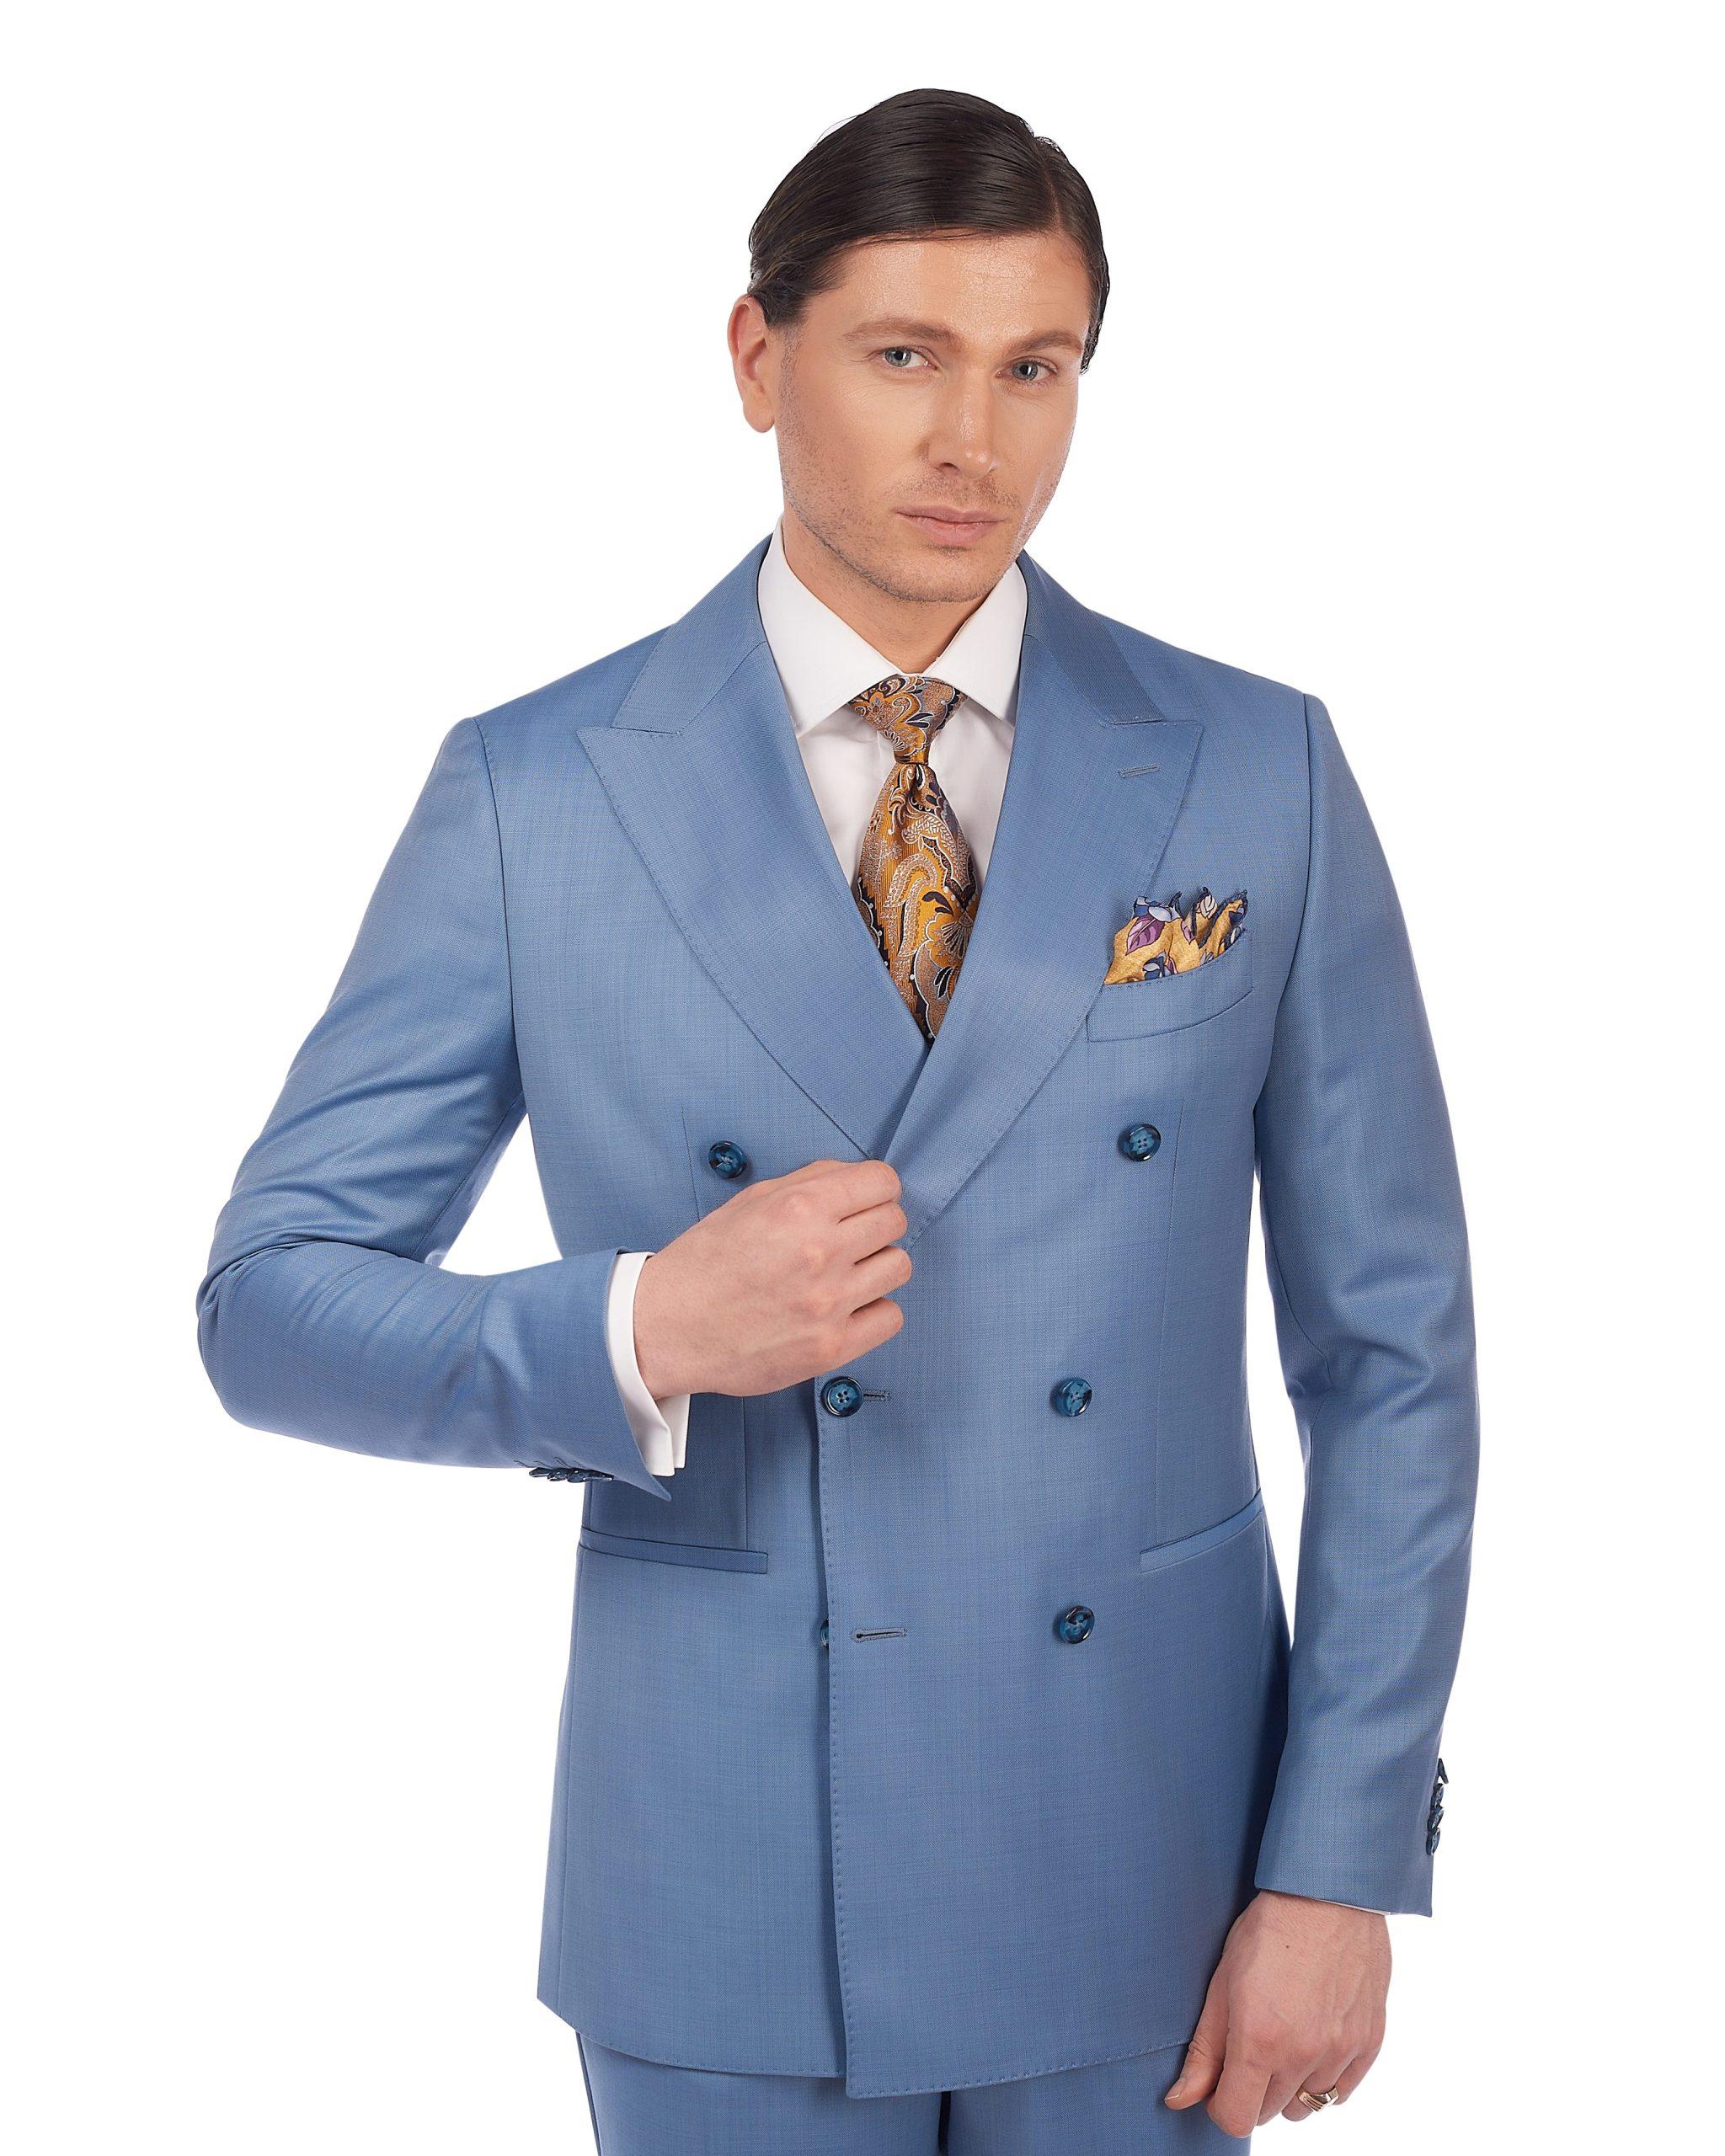 Costum-Barbati-Double-Breasted-Baby-Blue-Magazin-Costume-Barbati-Cluj-Napoca-Gentlemens-Boutique-Gold-Soporului-8-